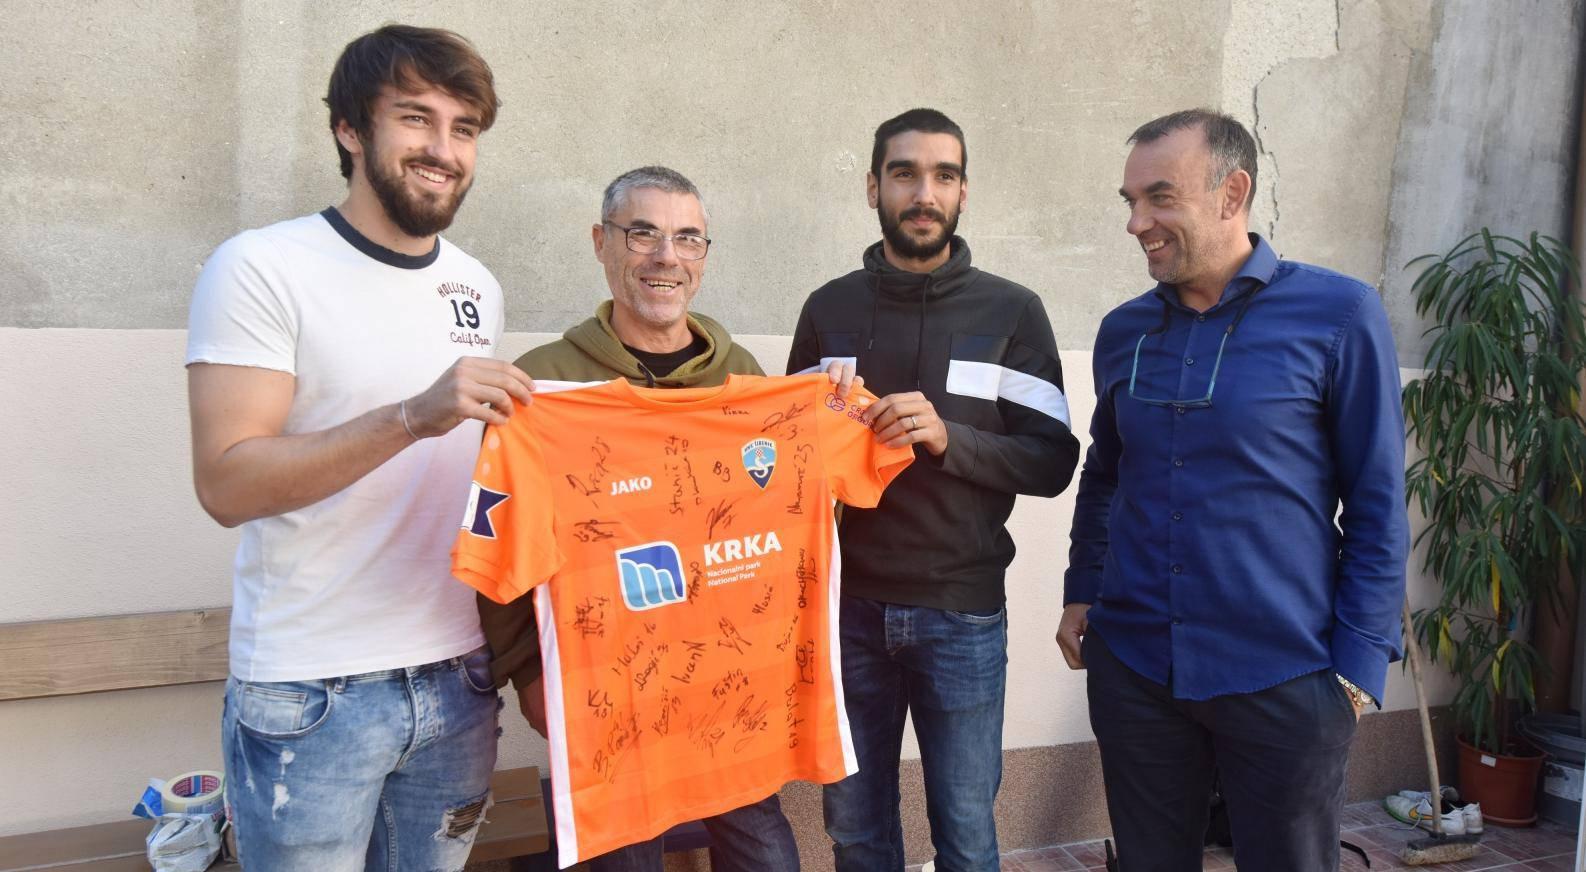 Šibenik: Nogometaši Šibenika obišli Dom za beskućnike i korisnicima doma podijelili darove